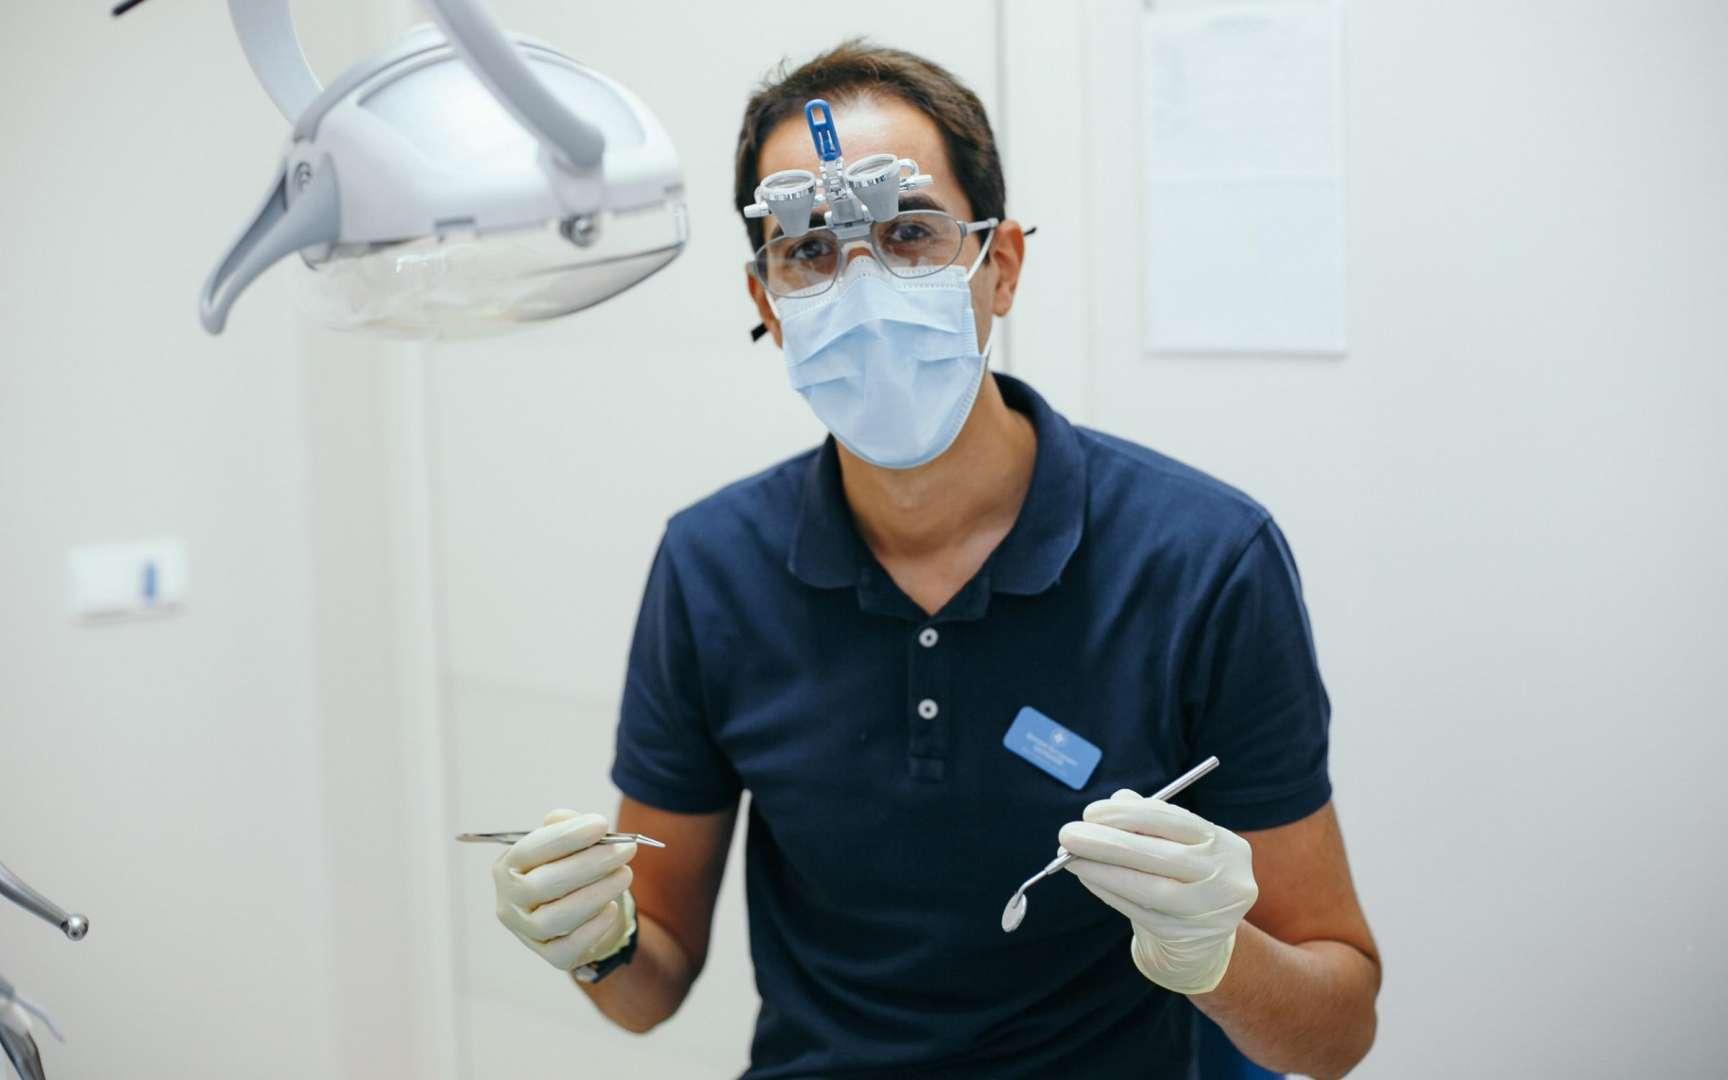 убеждены, что злой стоматолог фото применения данных приспособлений